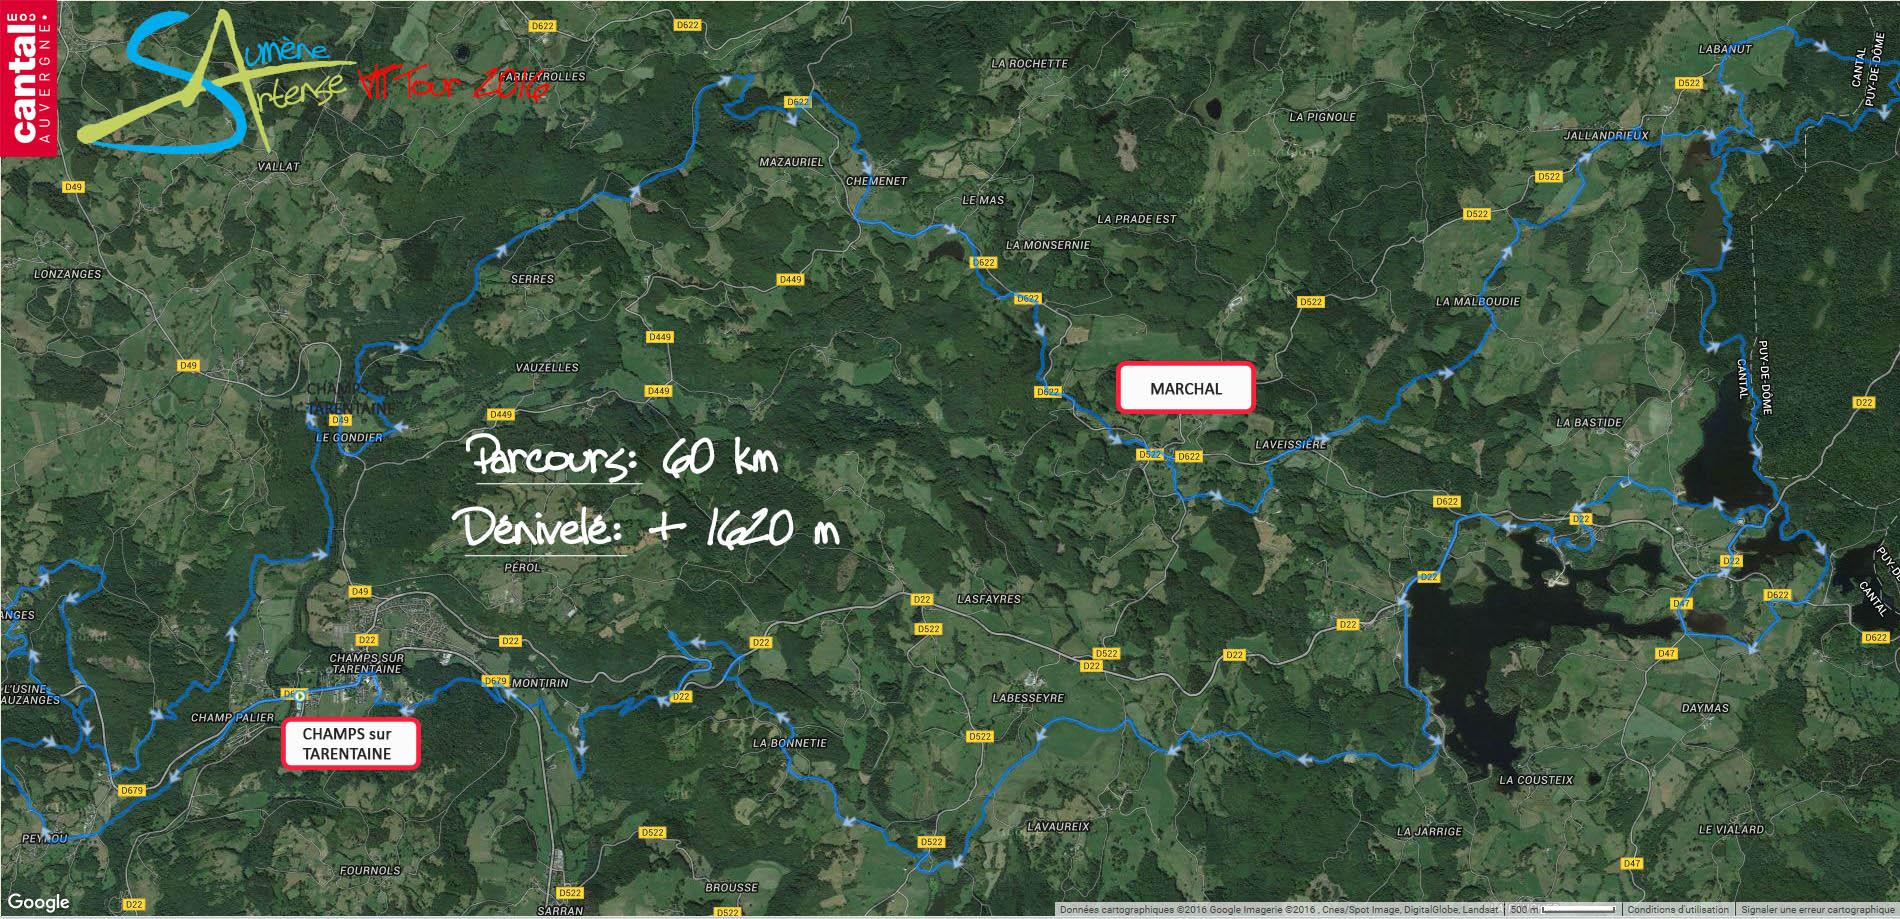 2016 savtt tour parcours 60 km distance